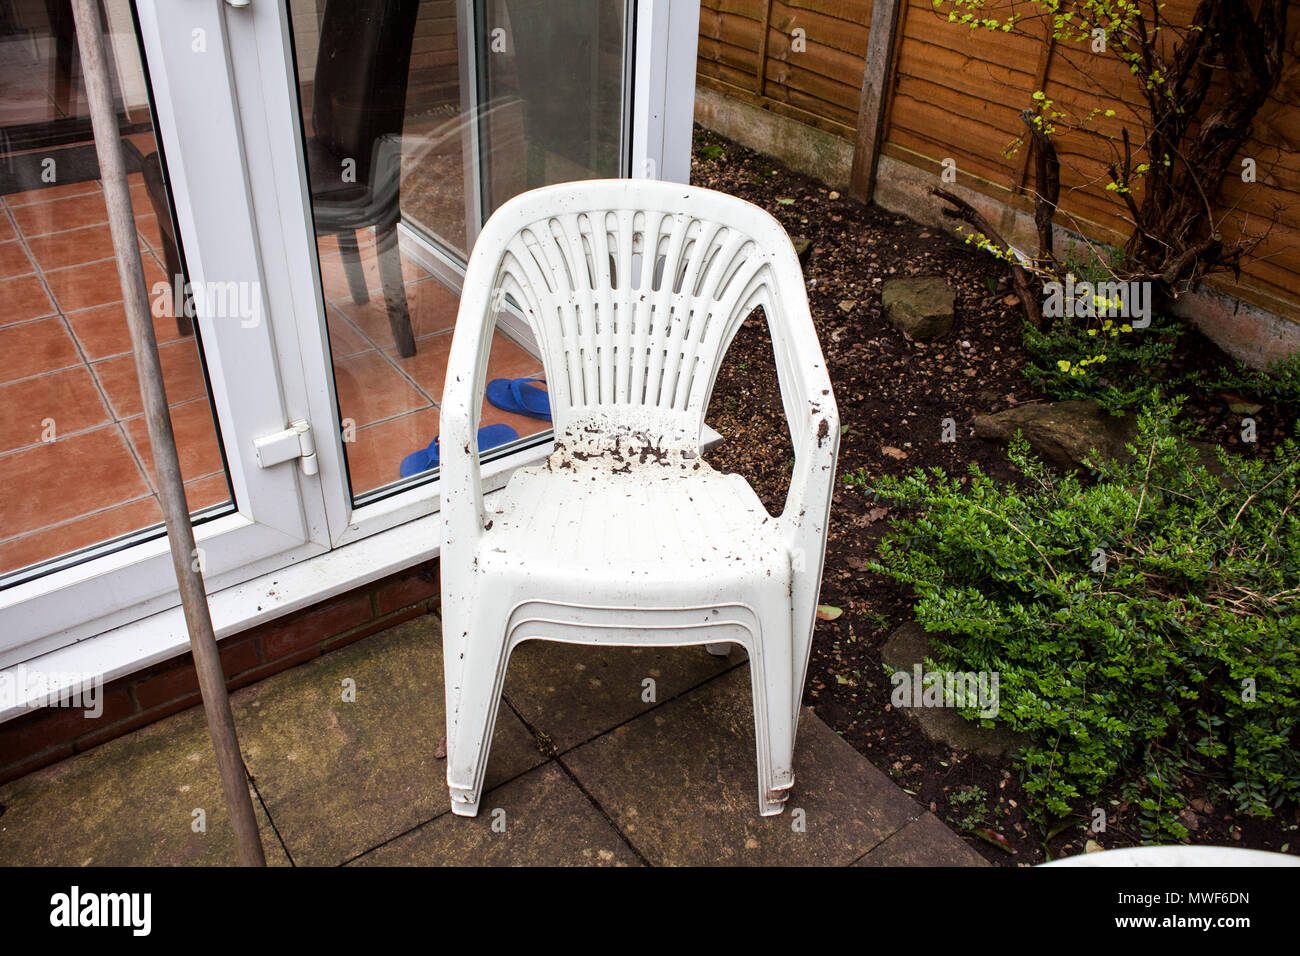 accueil des ameliorations et des renovations les objets en plastique dans le jardin vieux et utilise de meubles de jardin